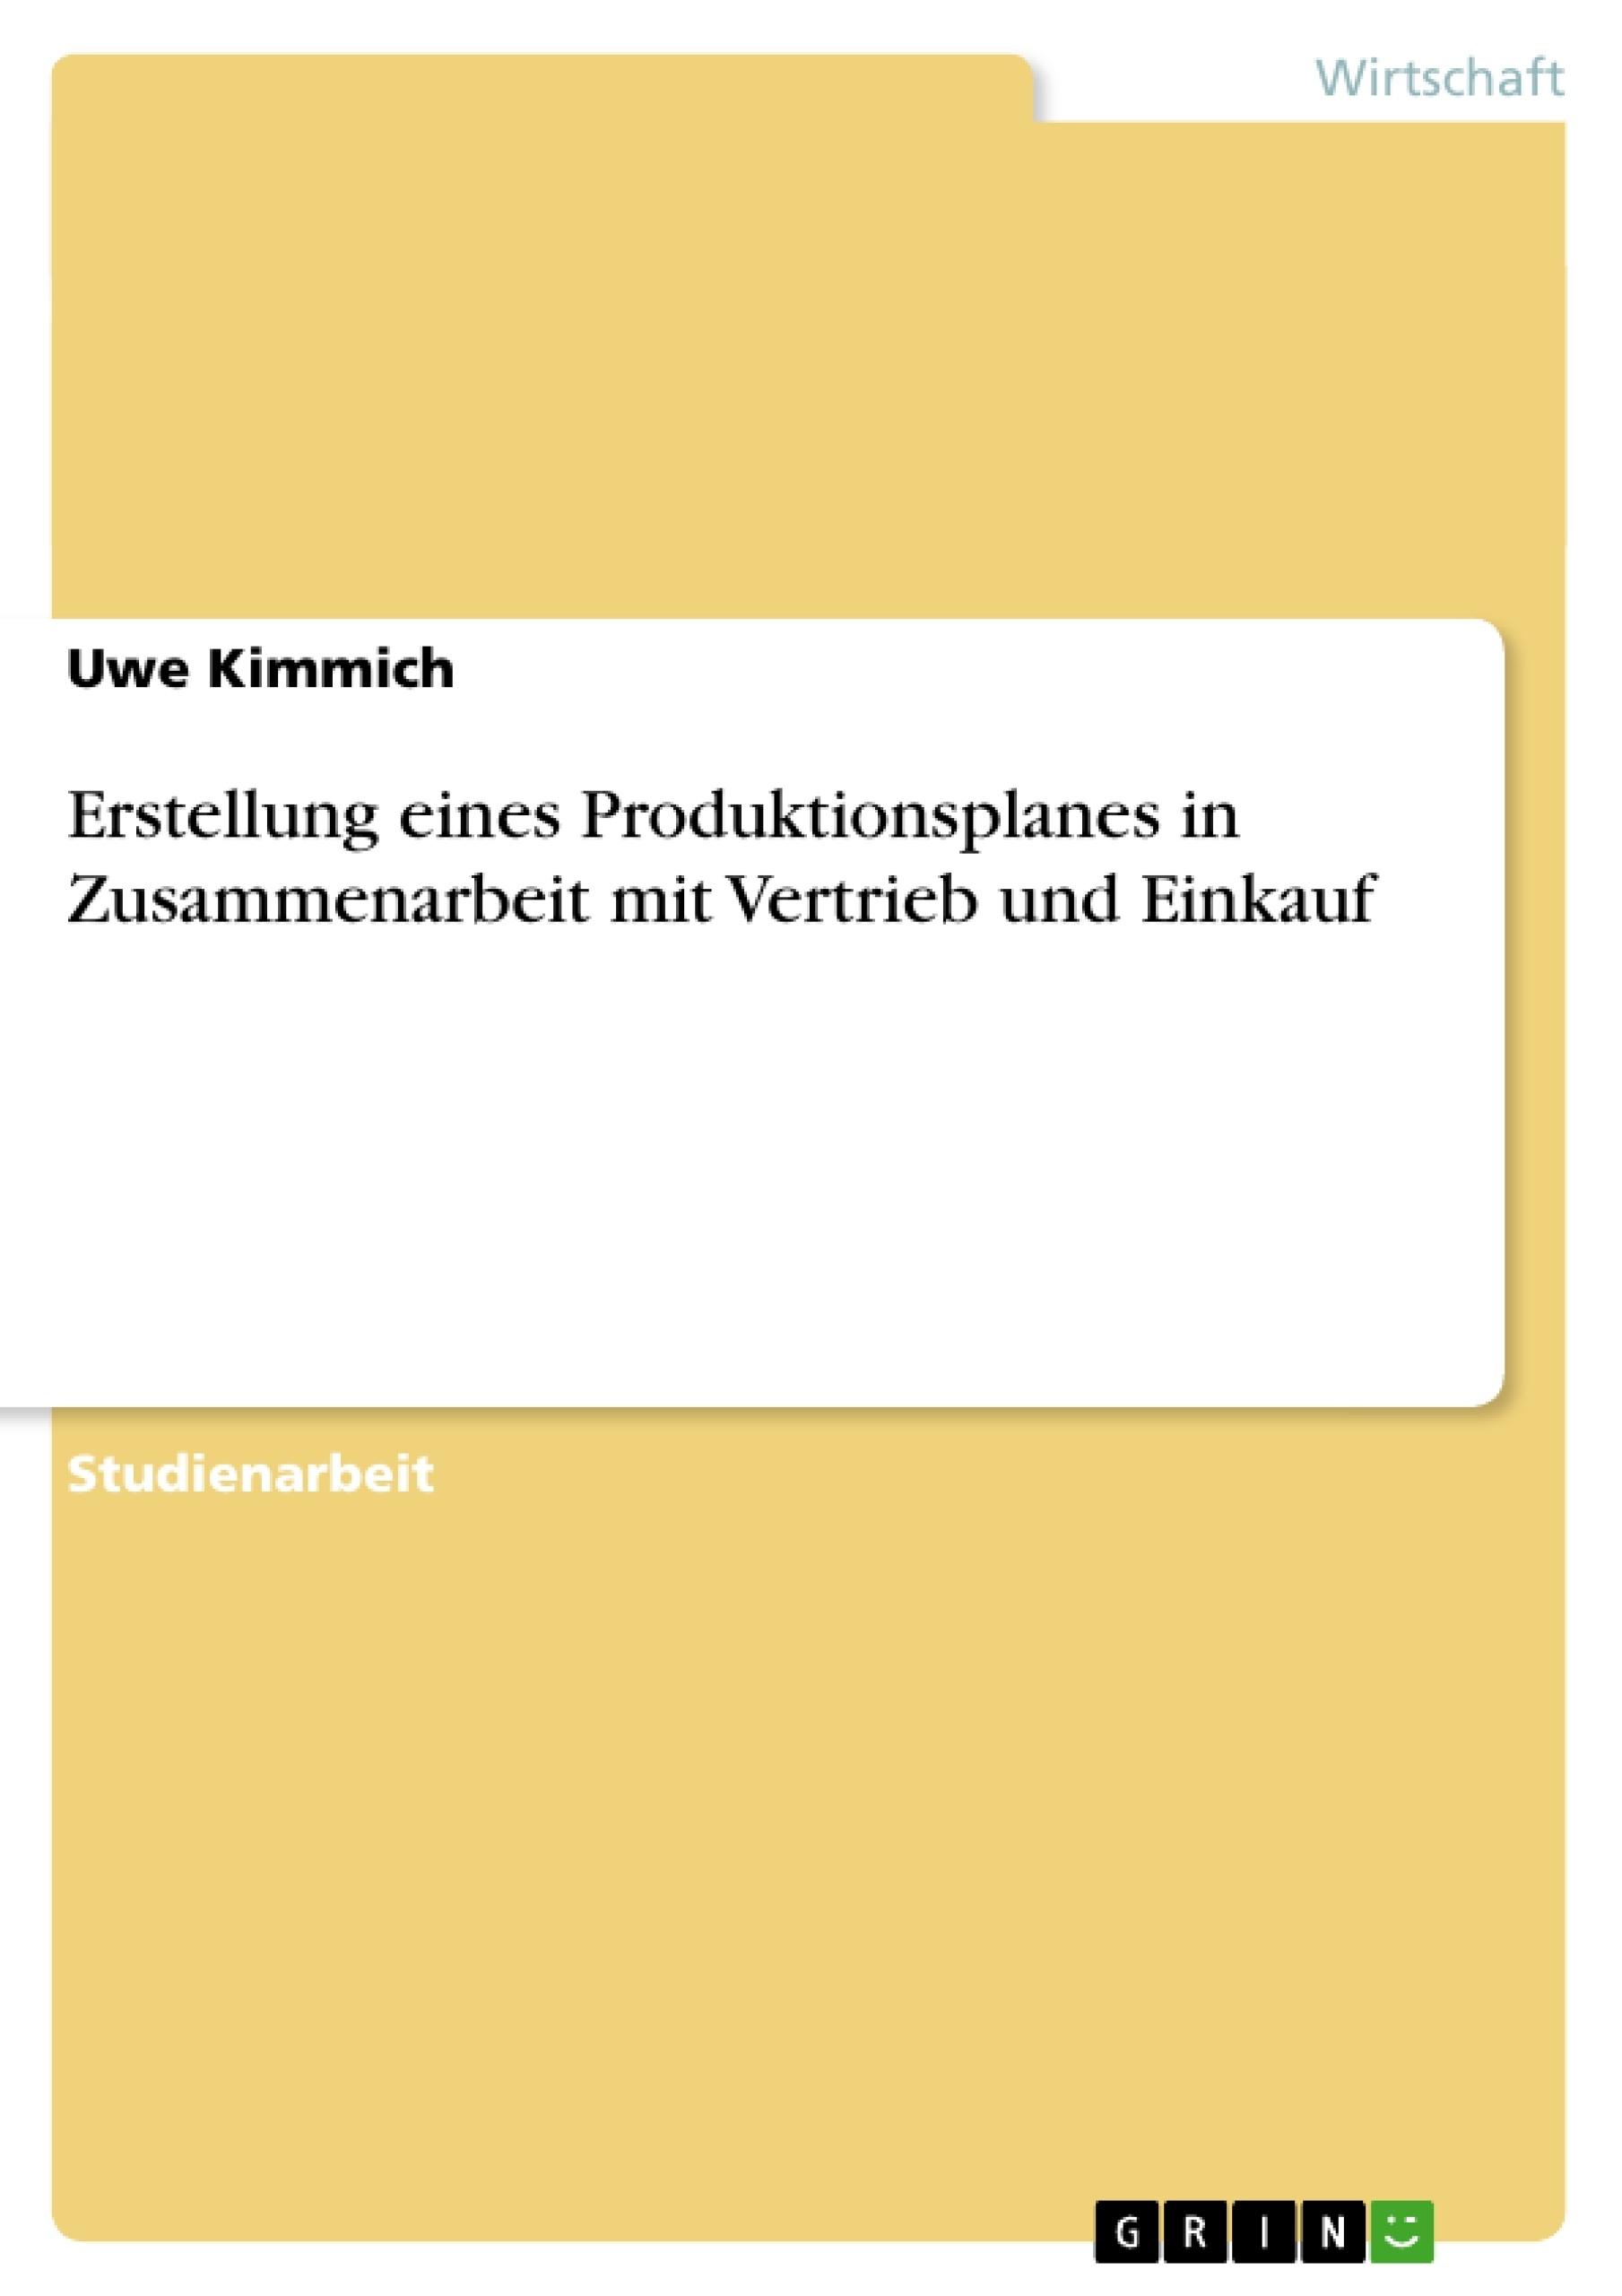 Titel: Erstellung eines Produktionsplanes in Zusammenarbeit mit Vertrieb und Einkauf